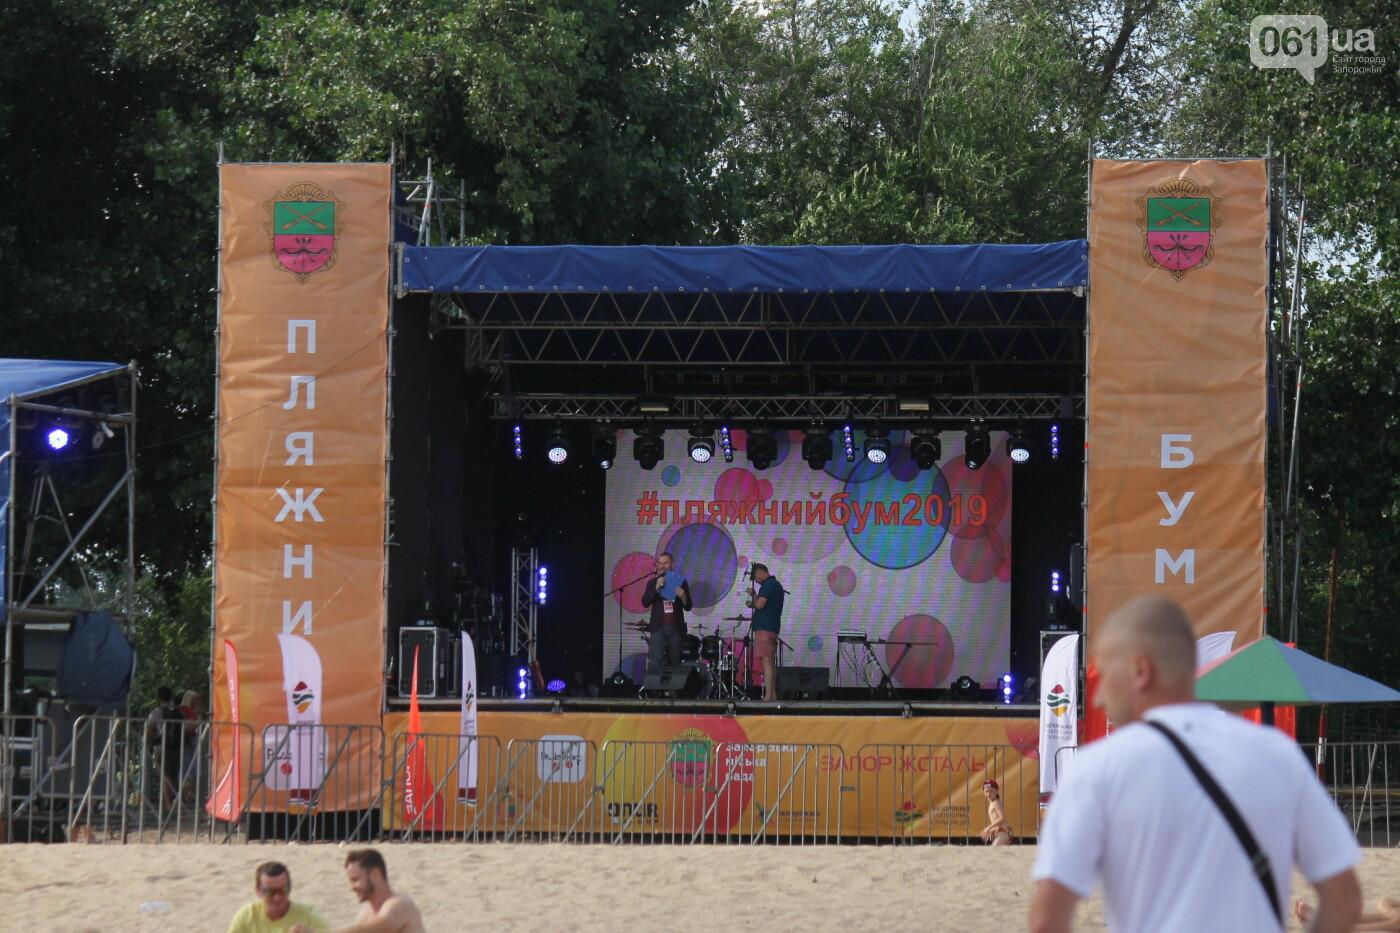 Макс Барских, «АГОНЬ» и TAYANNA: как в Запорожье прошел фестиваль «Пляжный Бум», – ФОТОРЕПОРТАЖ, фото-1